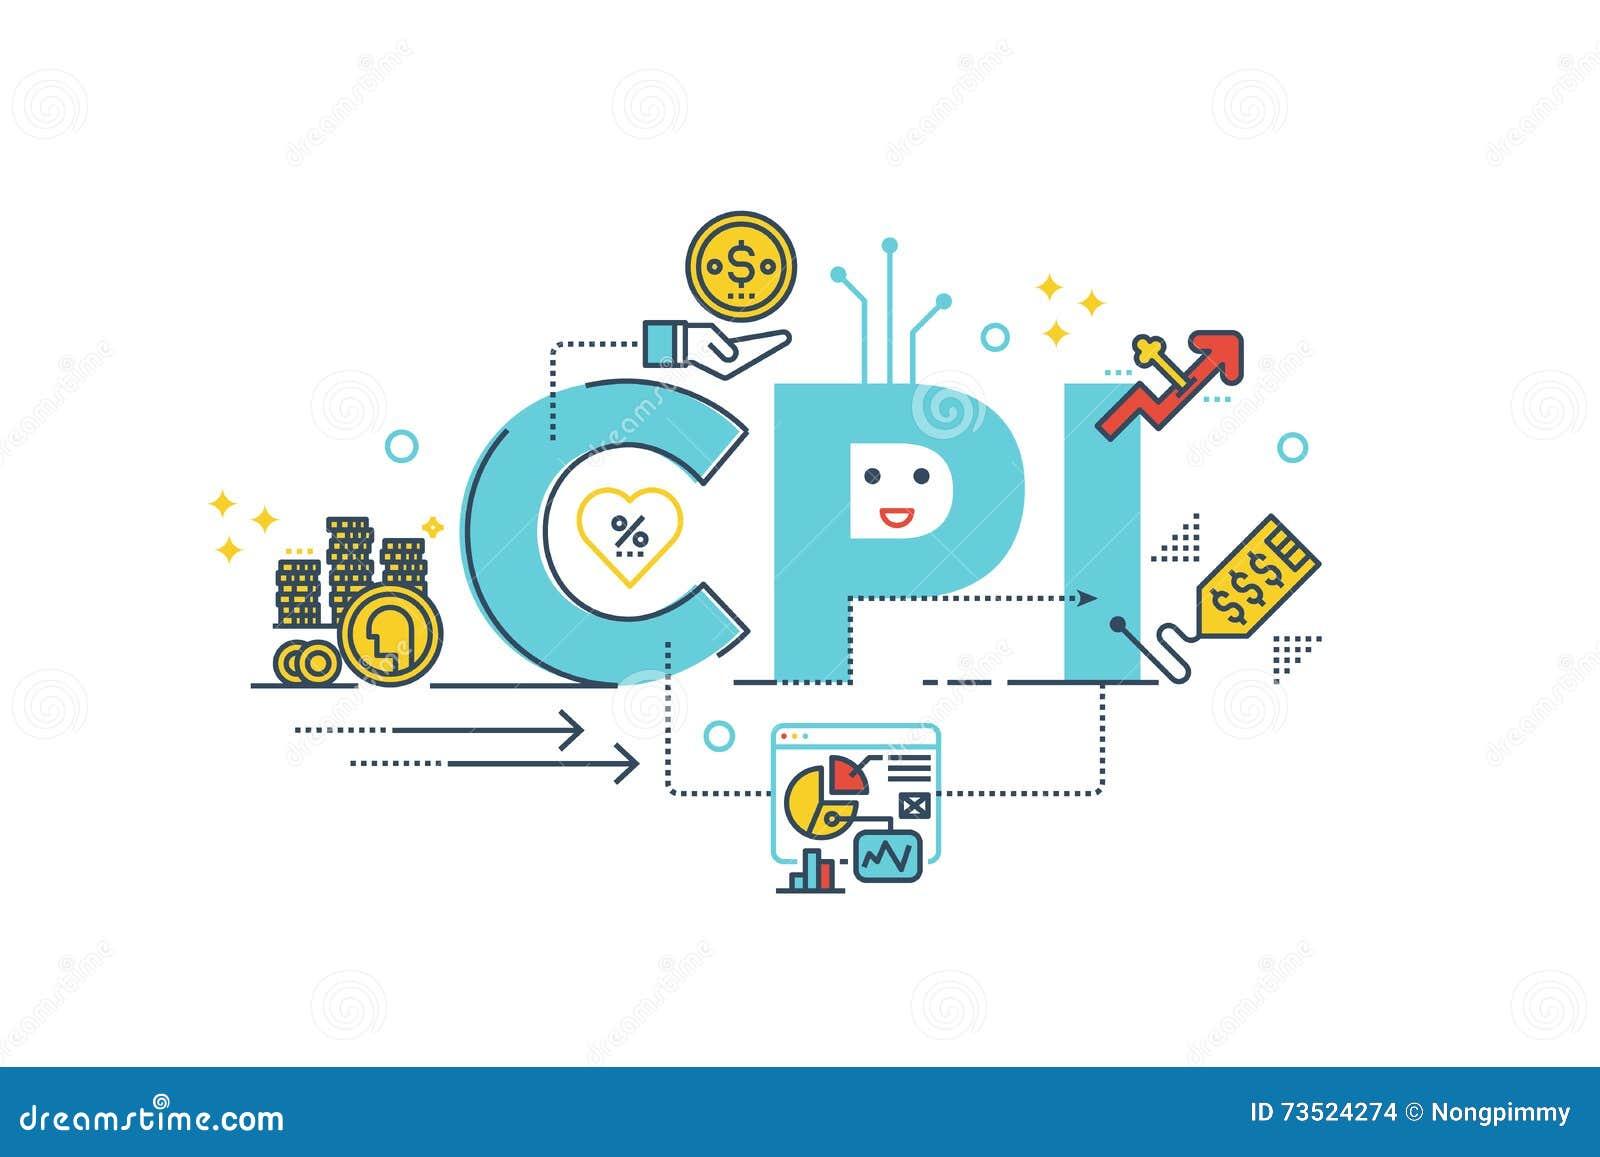 CPI: Palabra de índice de precios al consumo